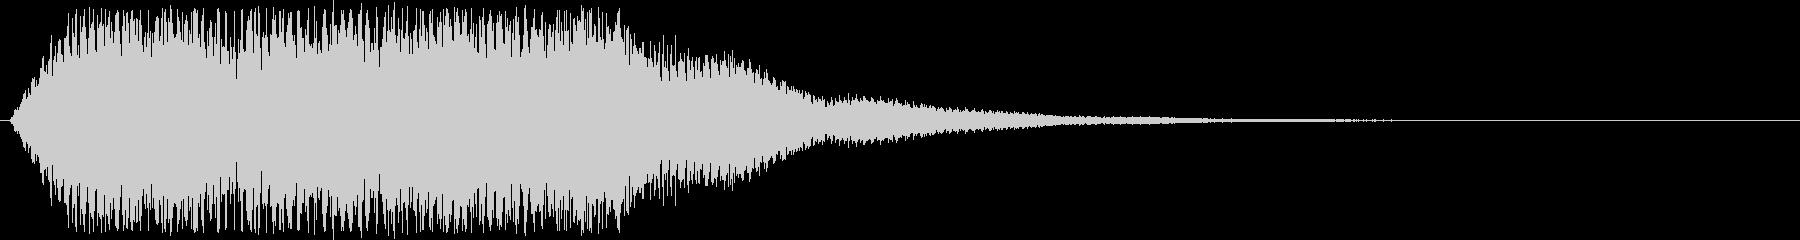 ホラーやサスペンス系の場面などのSEですの未再生の波形